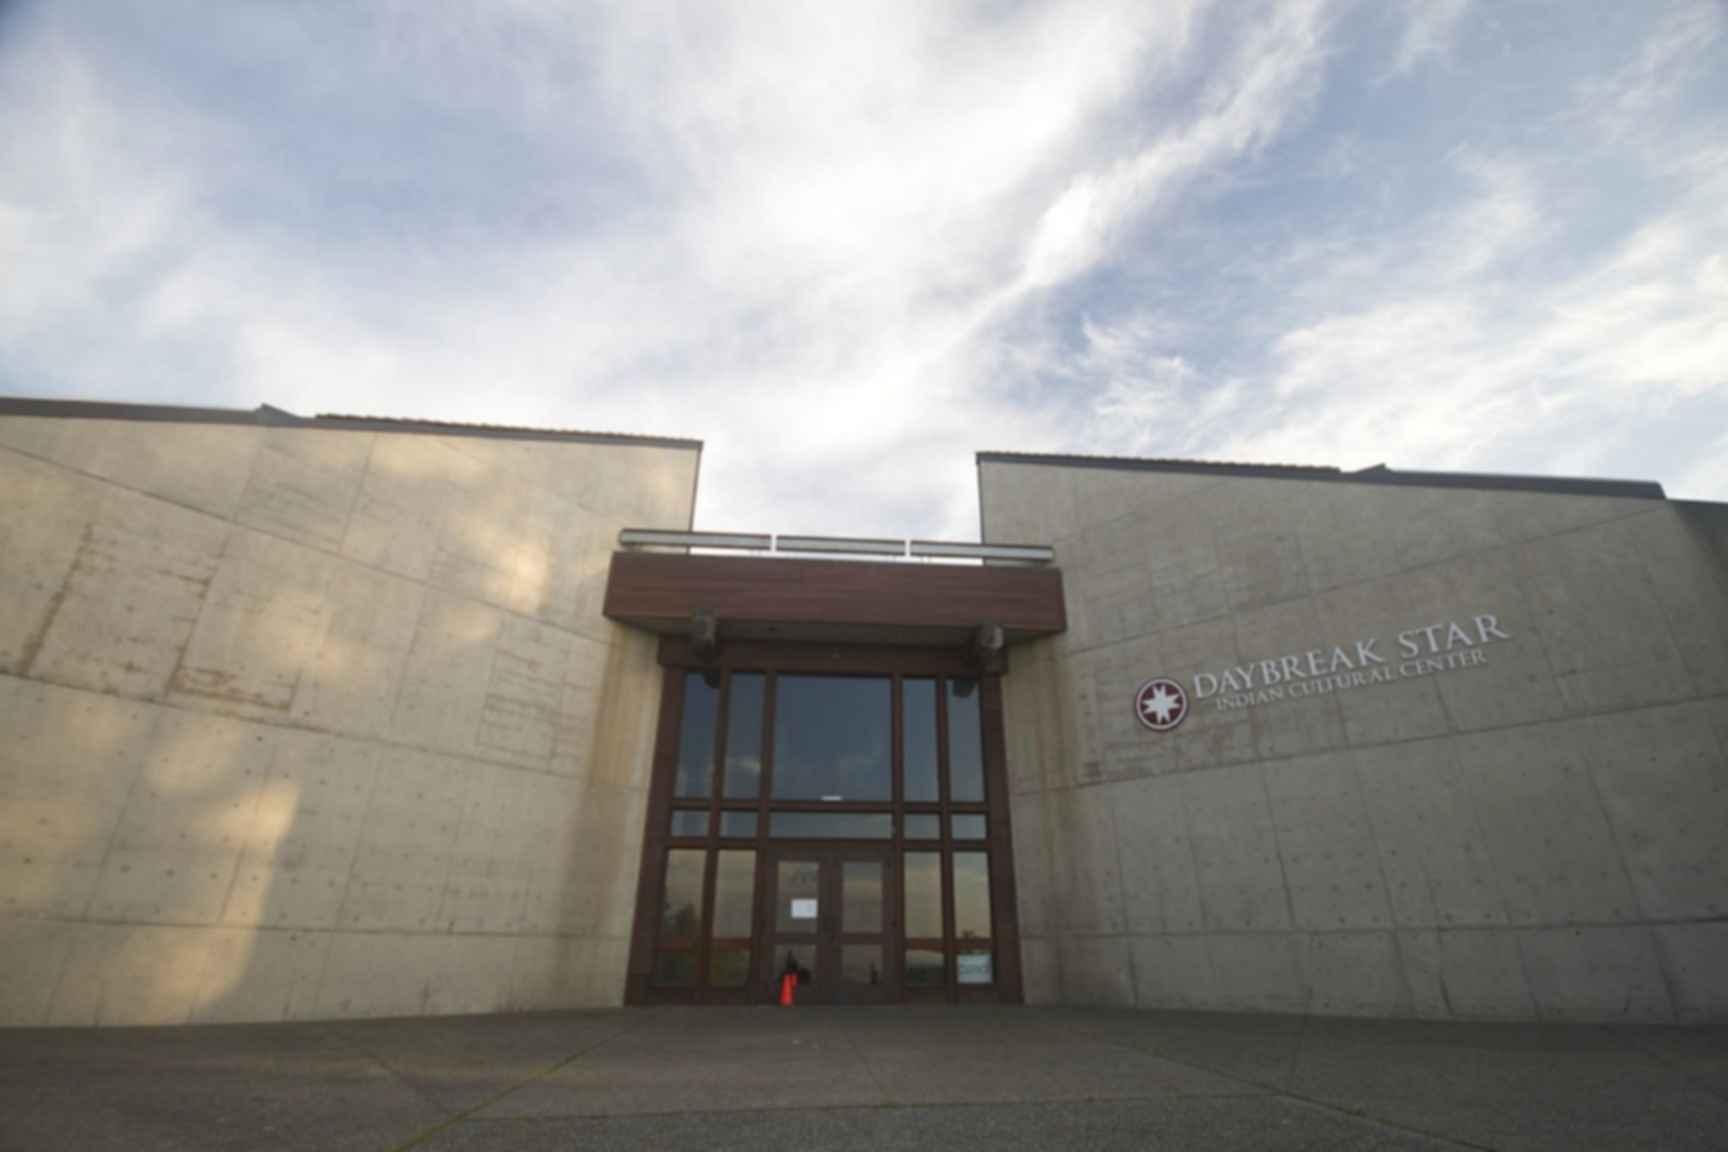 Daybreak Star Center